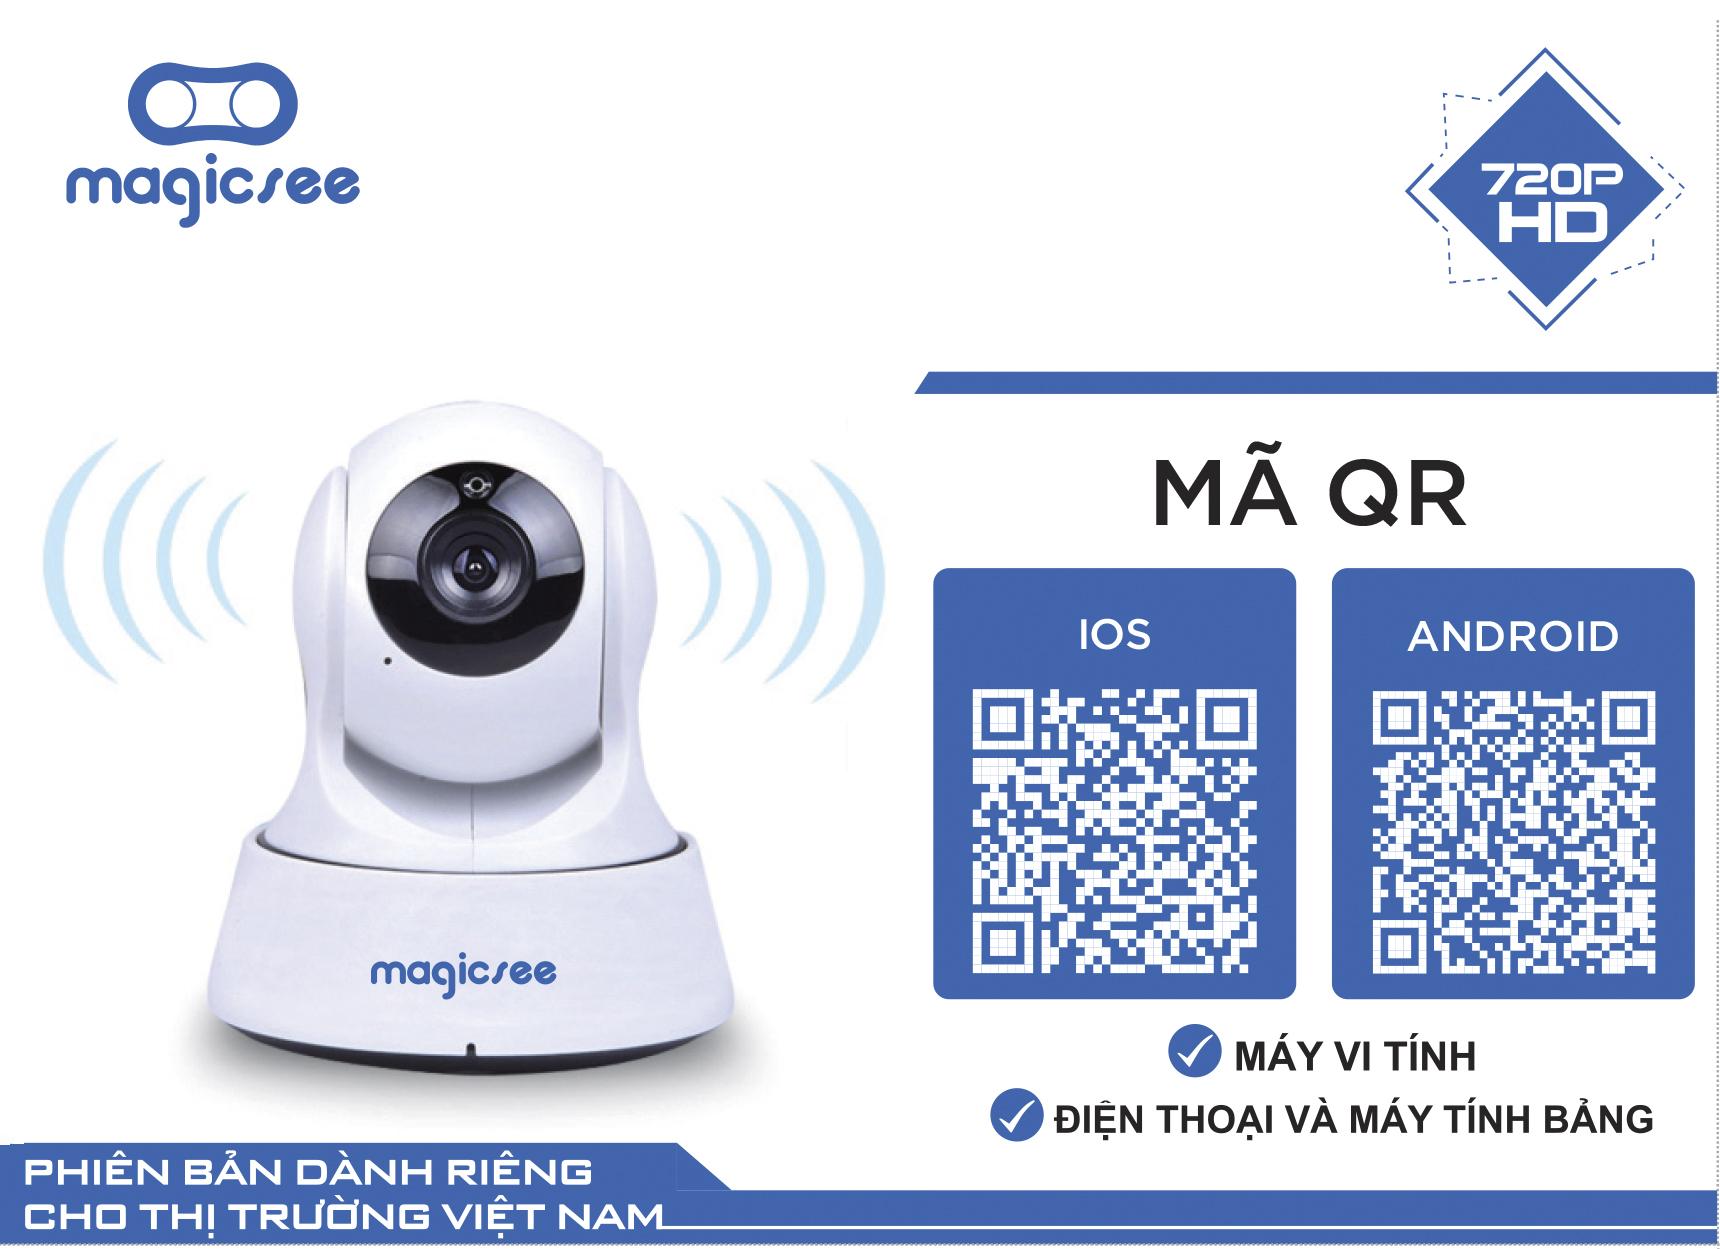 camera-giam-sat-magicsee-s6300-plus-phien-ban-doc-quyen